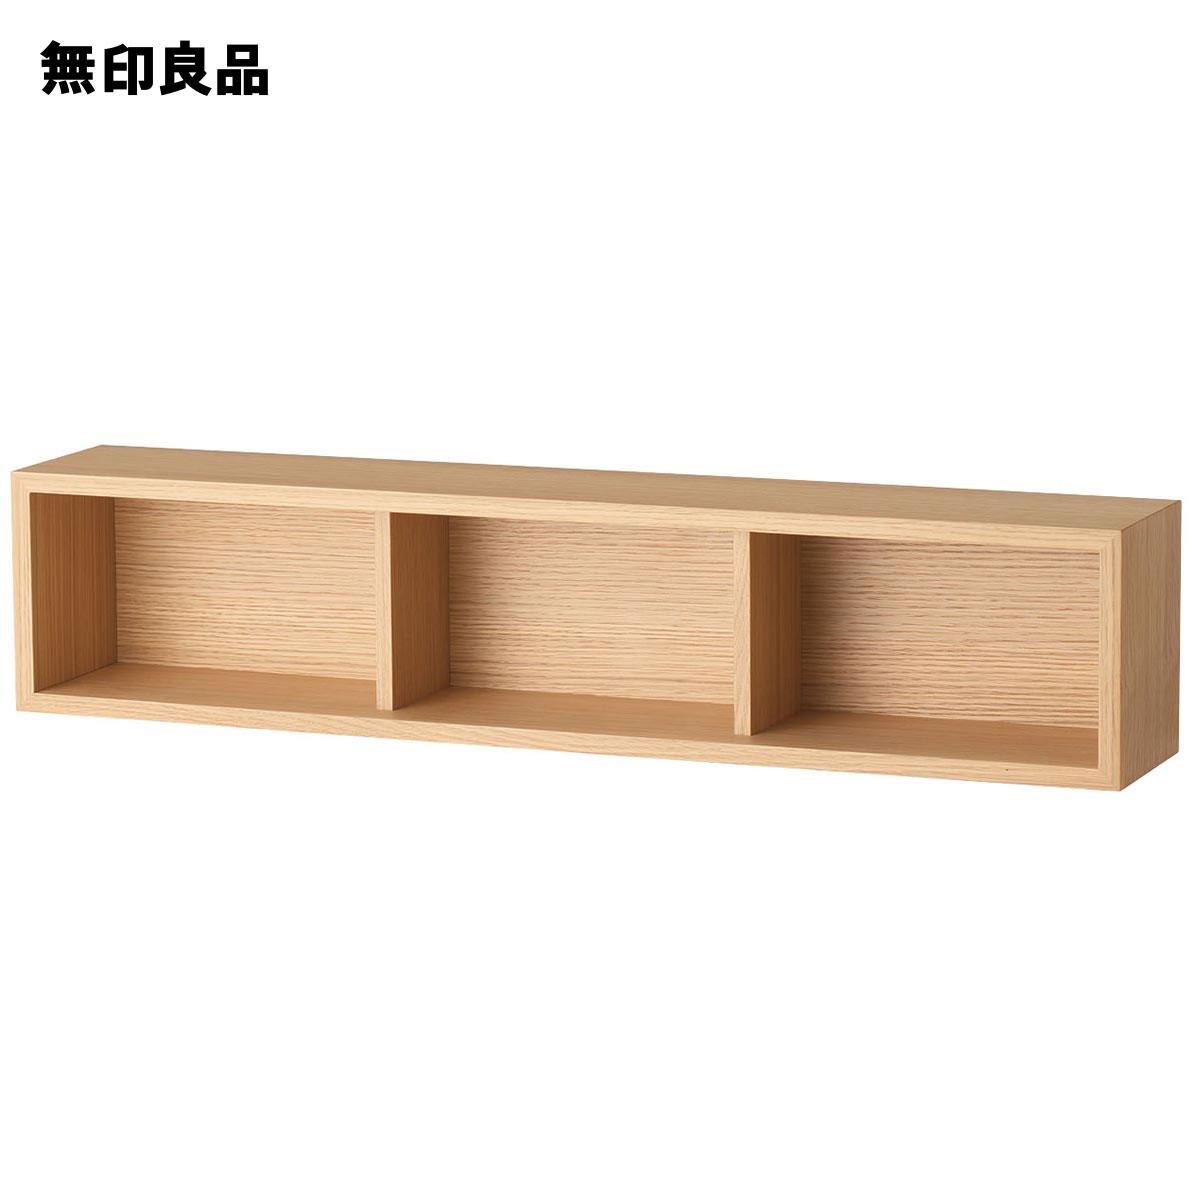 【無印良品 公式】壁に付けられる家具・箱・幅88cm・オーク材幅88×奥行15.5×高さ19cm